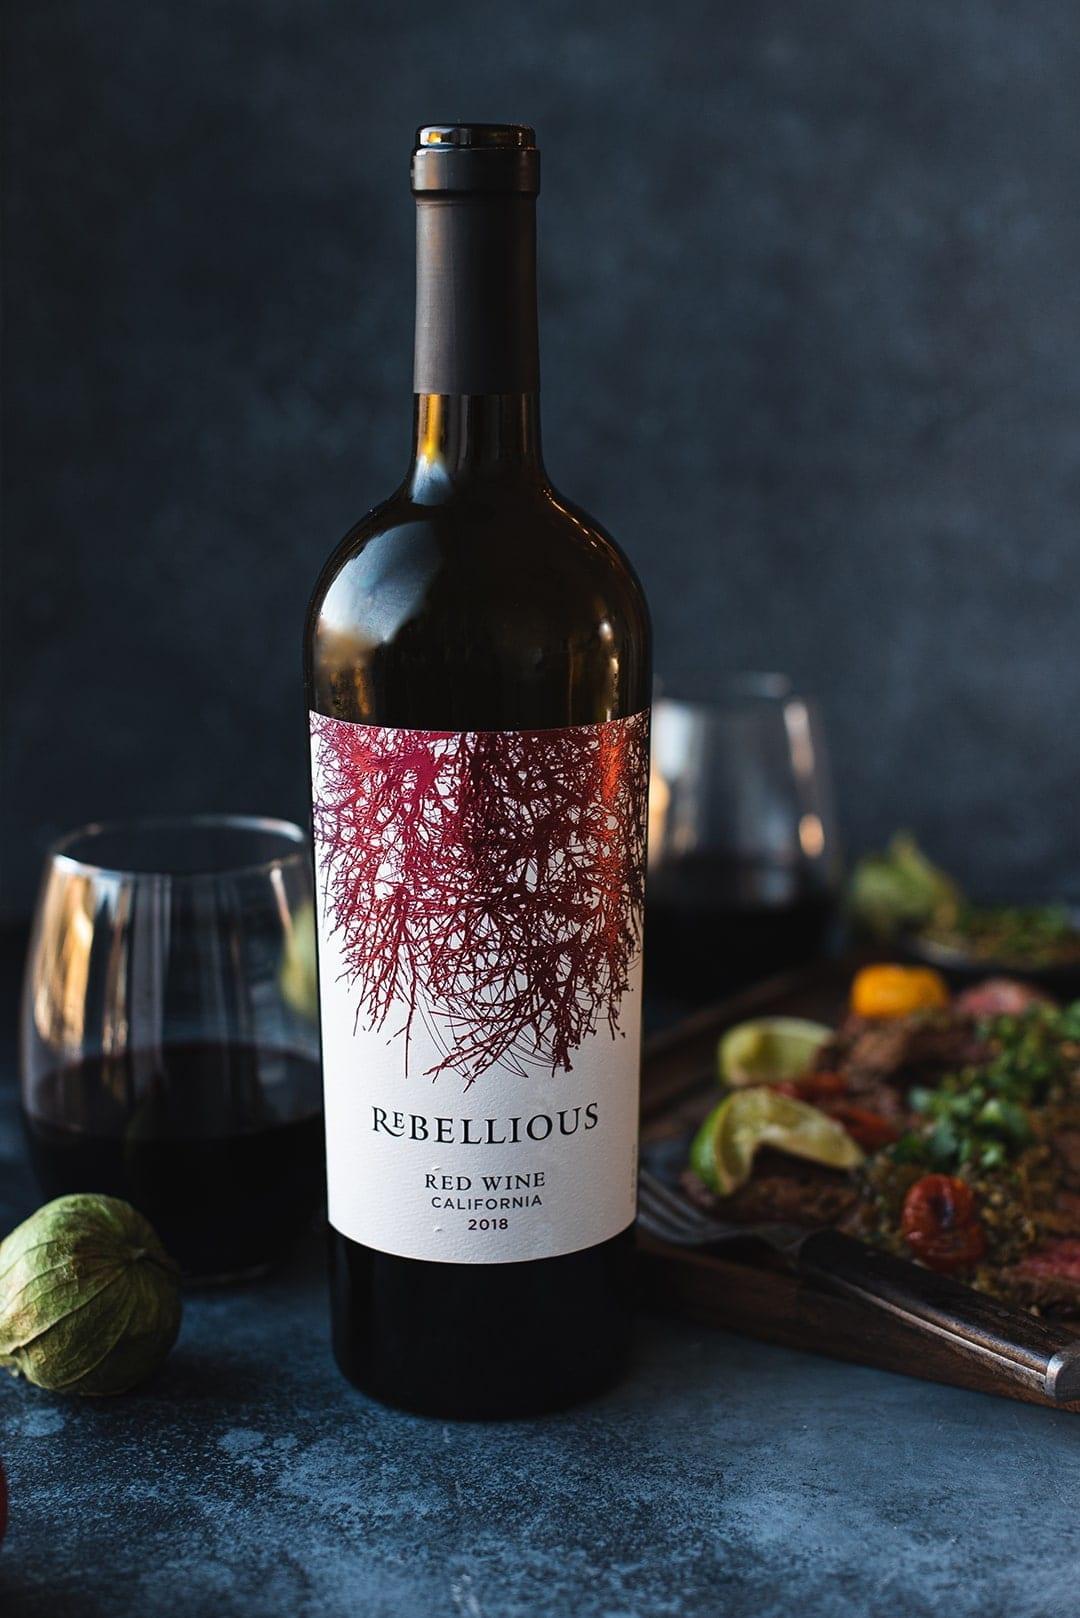 Rebellious red blend wine bottle